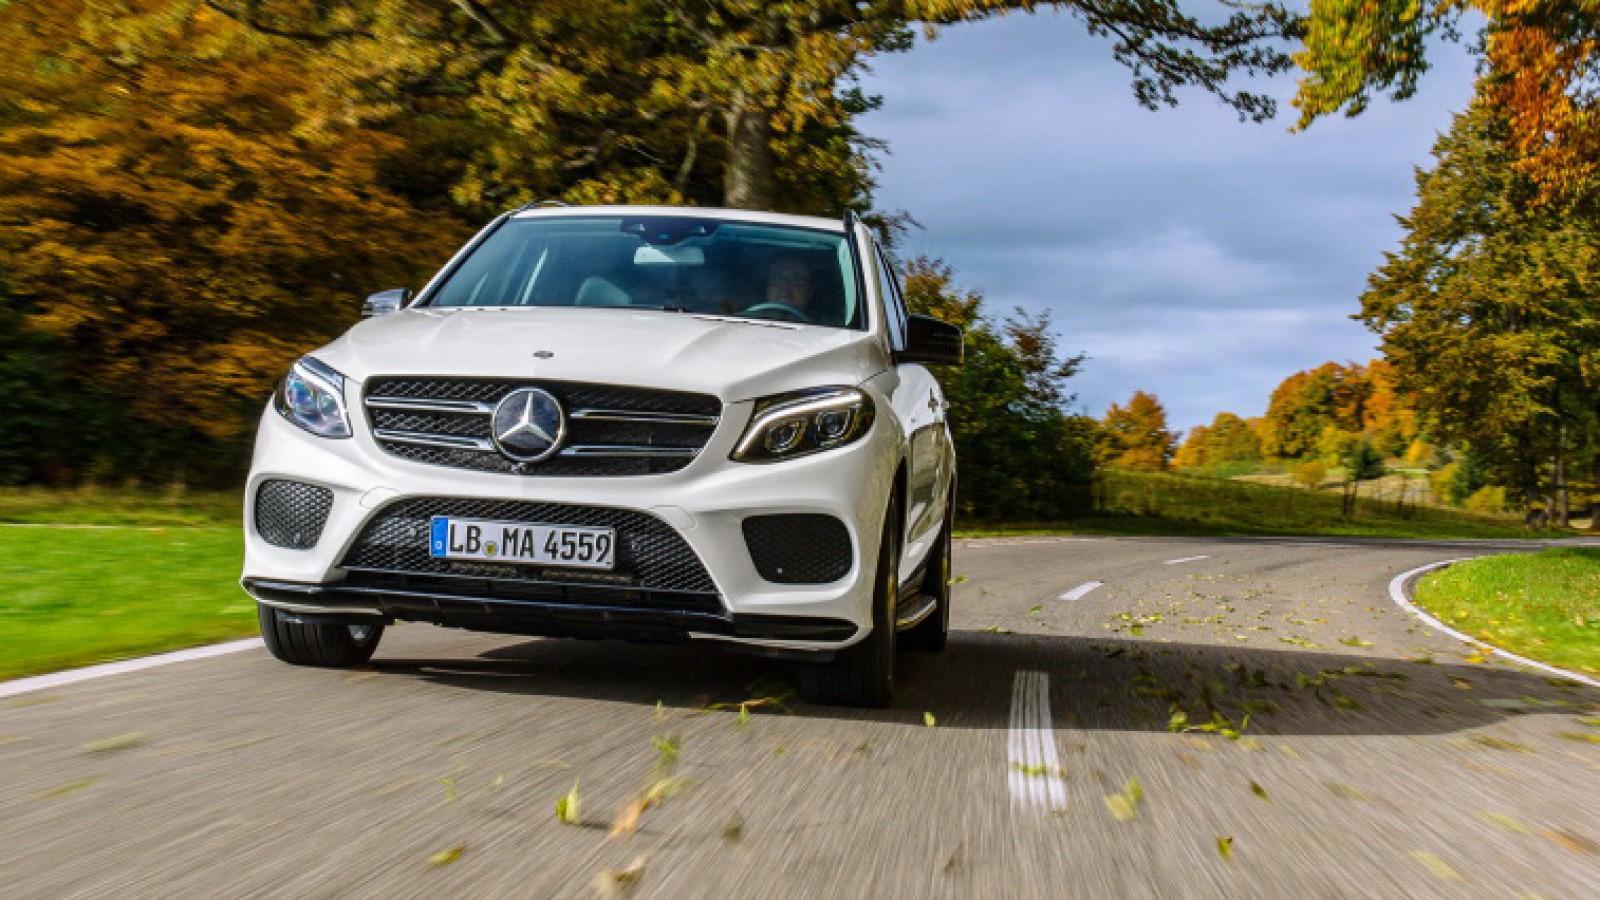 (foto) Mercedes-Benz arată pe câteva schiţe interiorul noului GLE. Iată cum ar putea fi şi la exterior